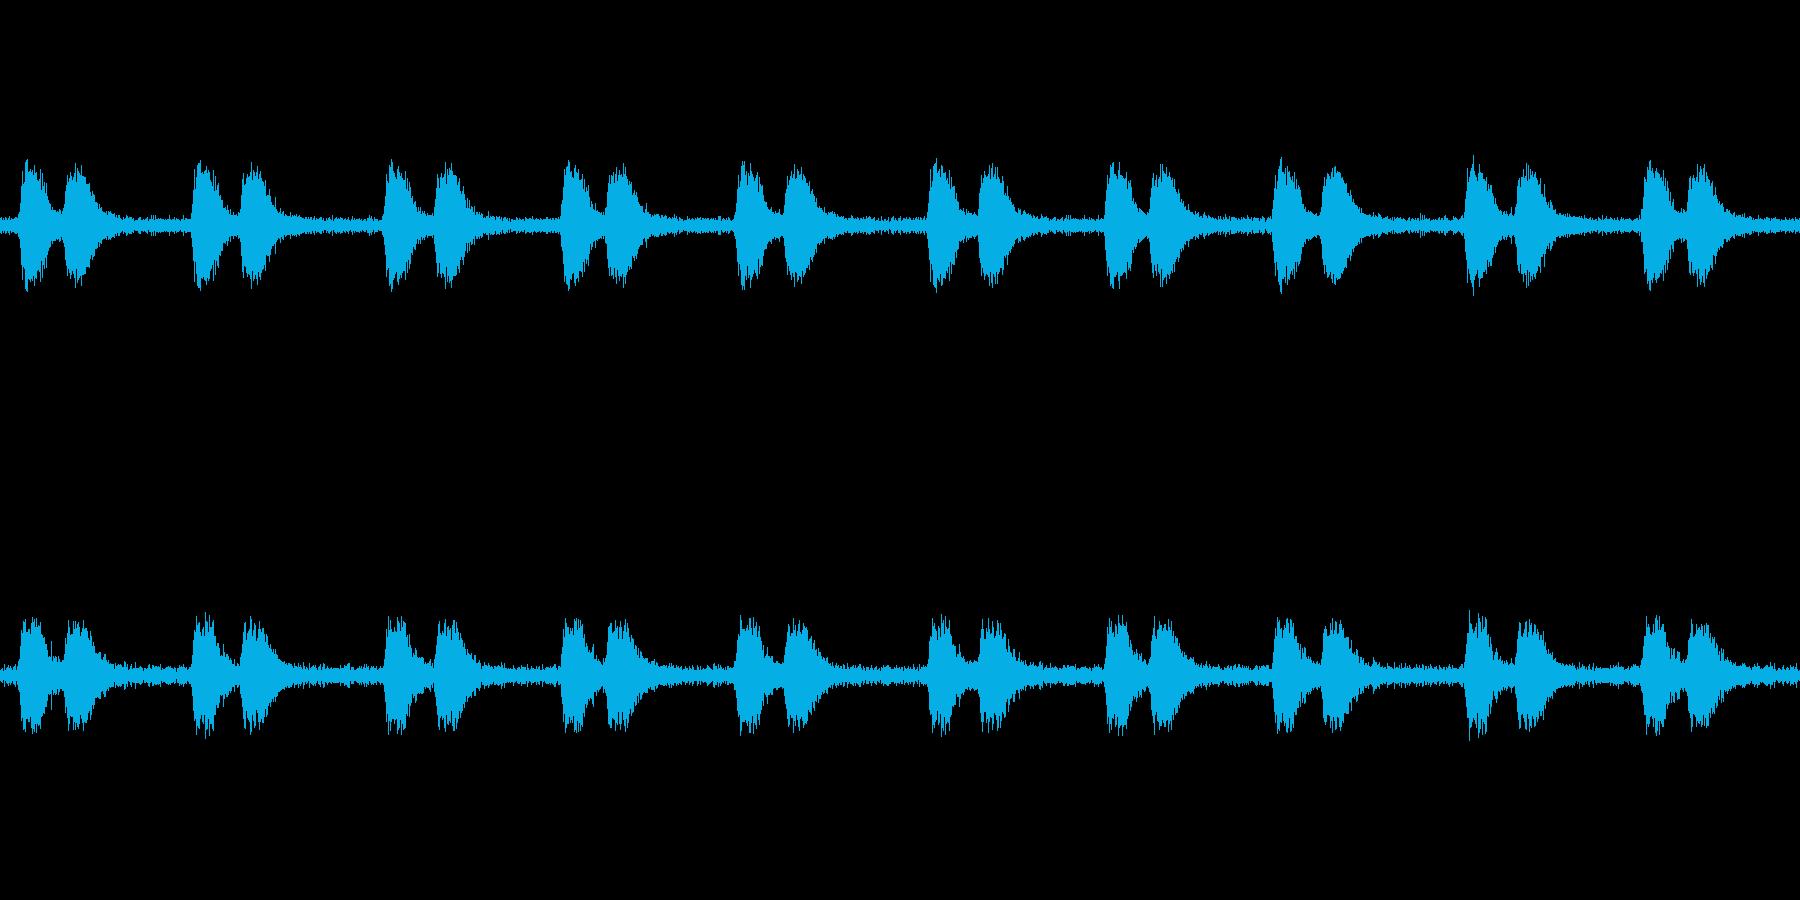 【カラス 生録 環境01-4】の再生済みの波形